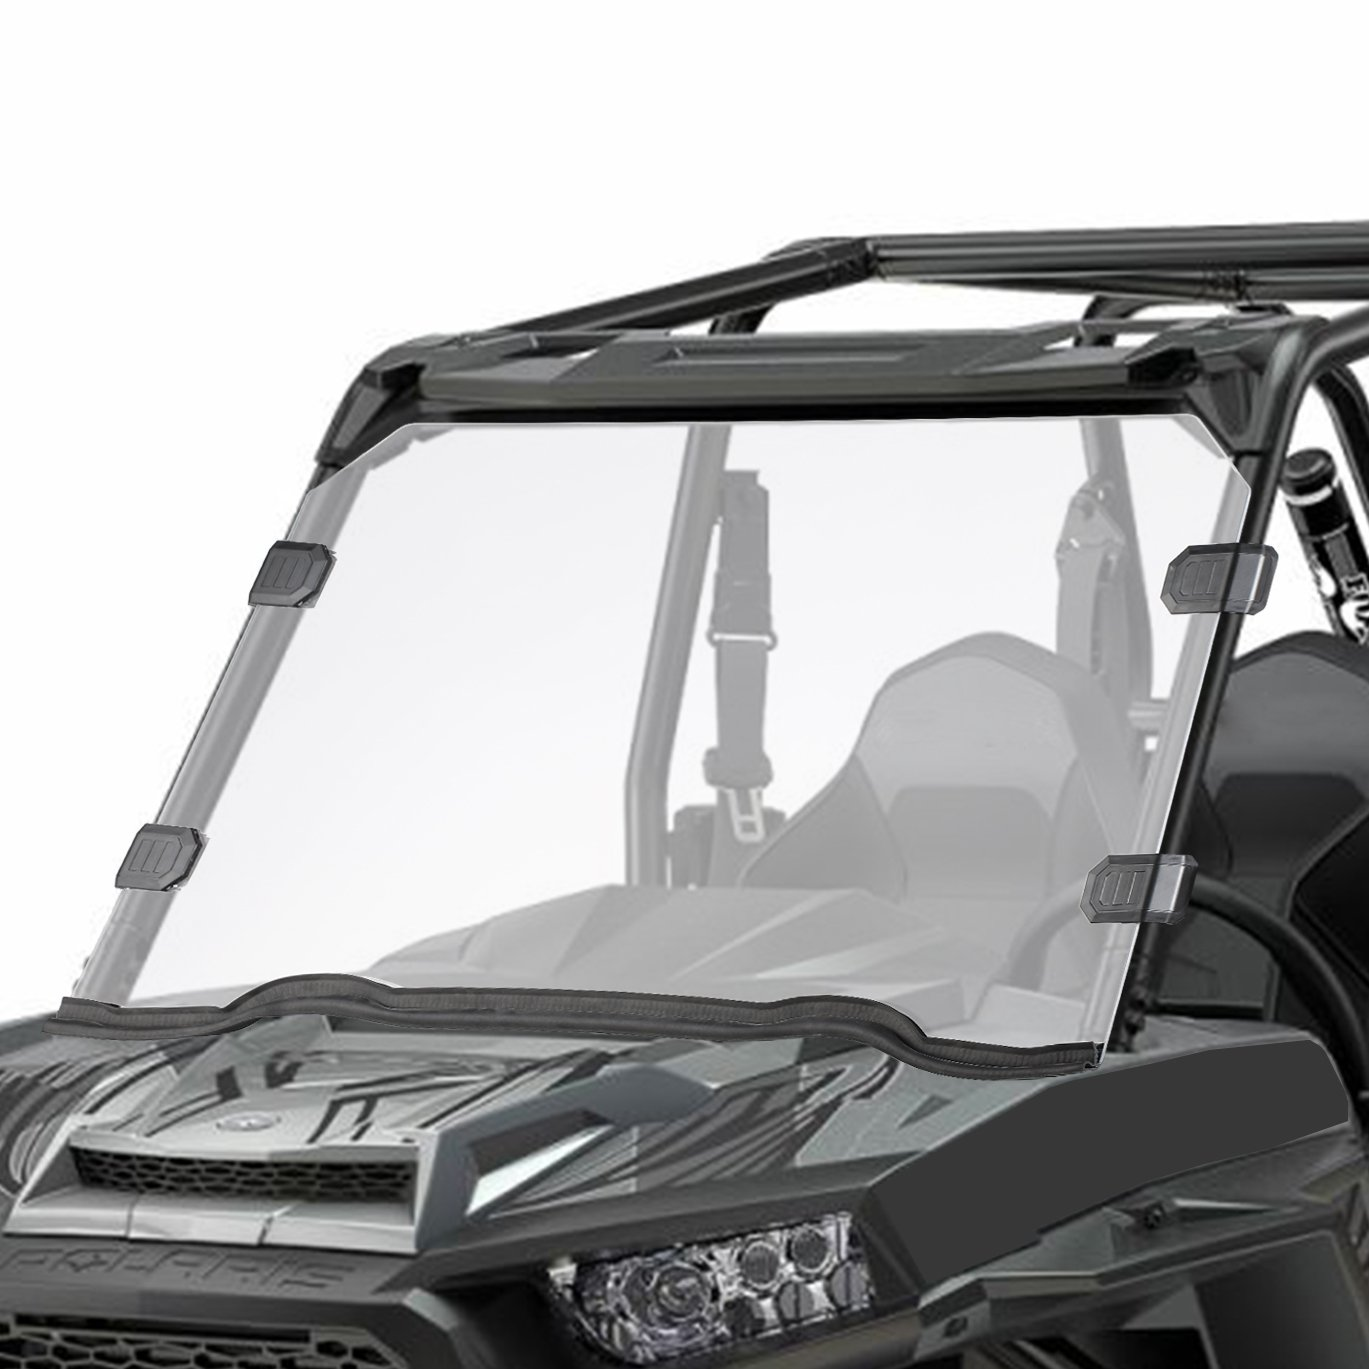 Orion Motor Tech UTV Full Windshield, Compatible with Polaris Razor, 15-18 RZR 900, 15-18 RZR 4 900, 15-18 RZR S 900, 15-18 RZR XC 900, 14-18 RZR 1000, 16-18 RZR S 1000, 16-18 RZR XP Turbo, 14-18 RZR